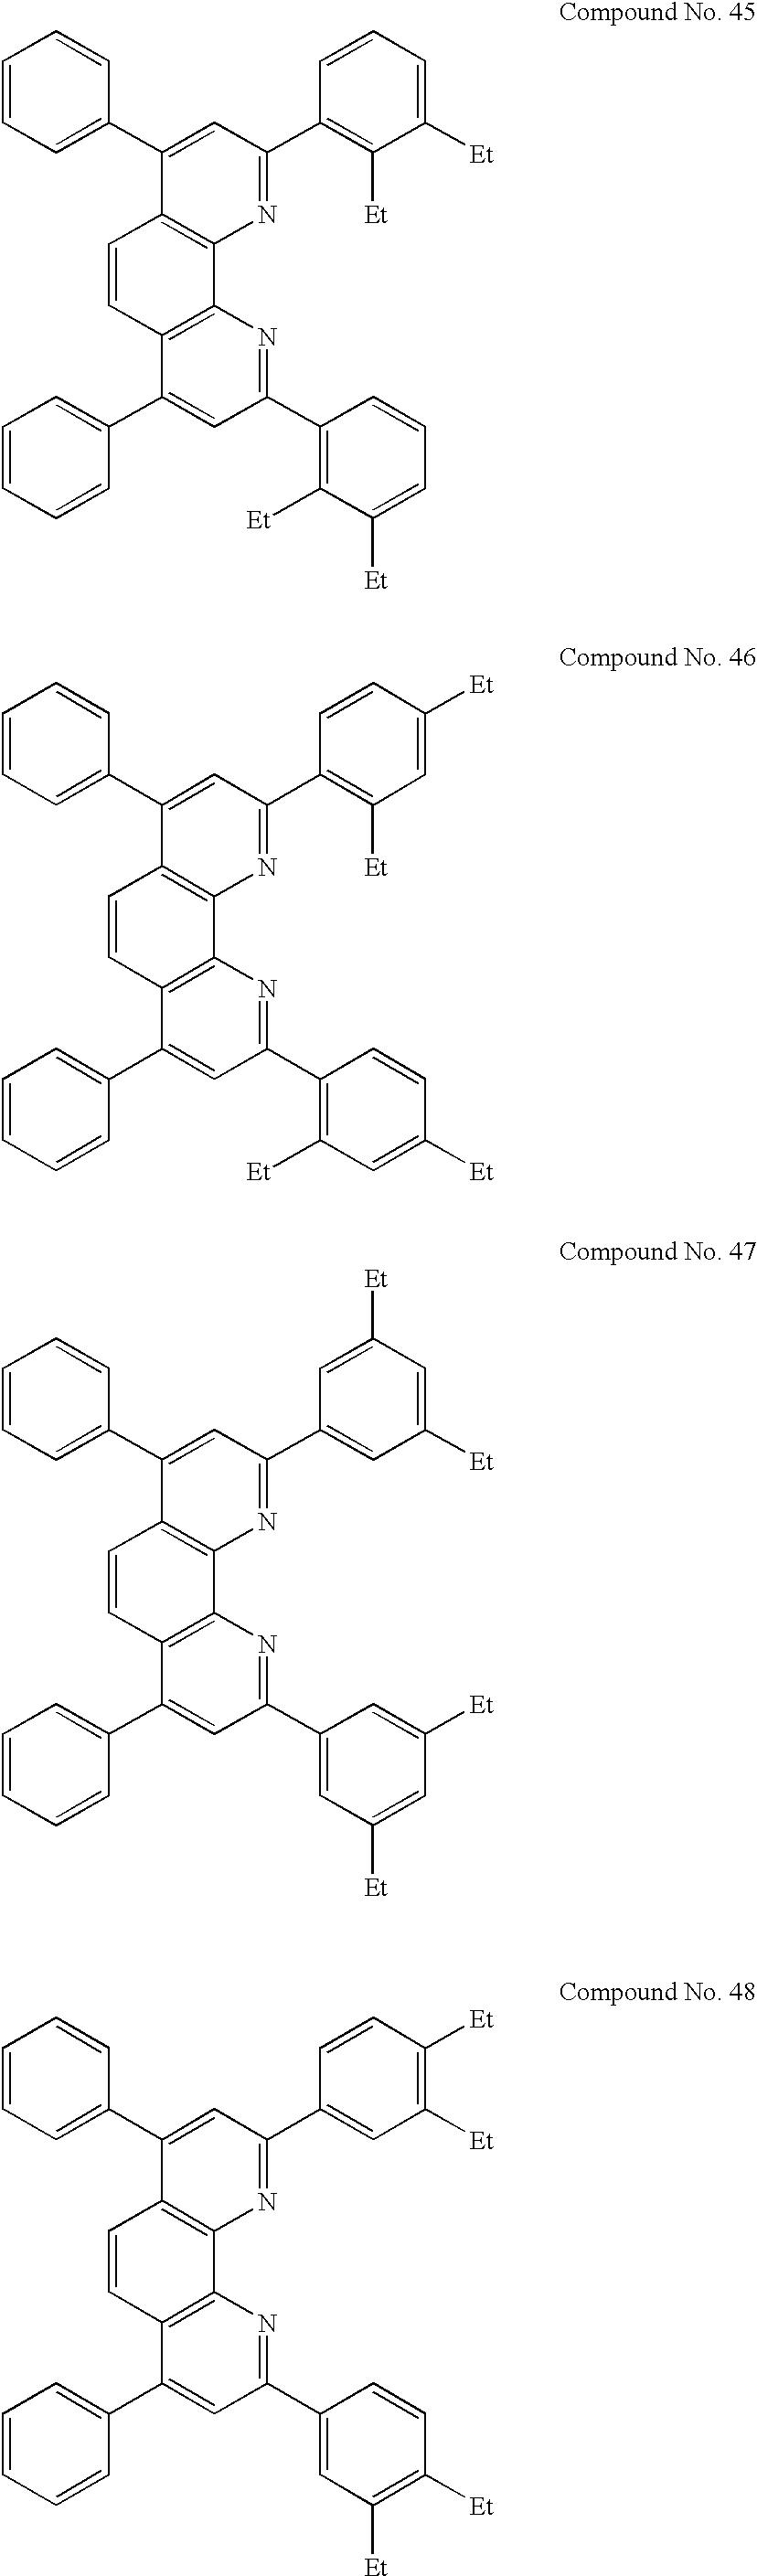 Figure US06524728-20030225-C00014